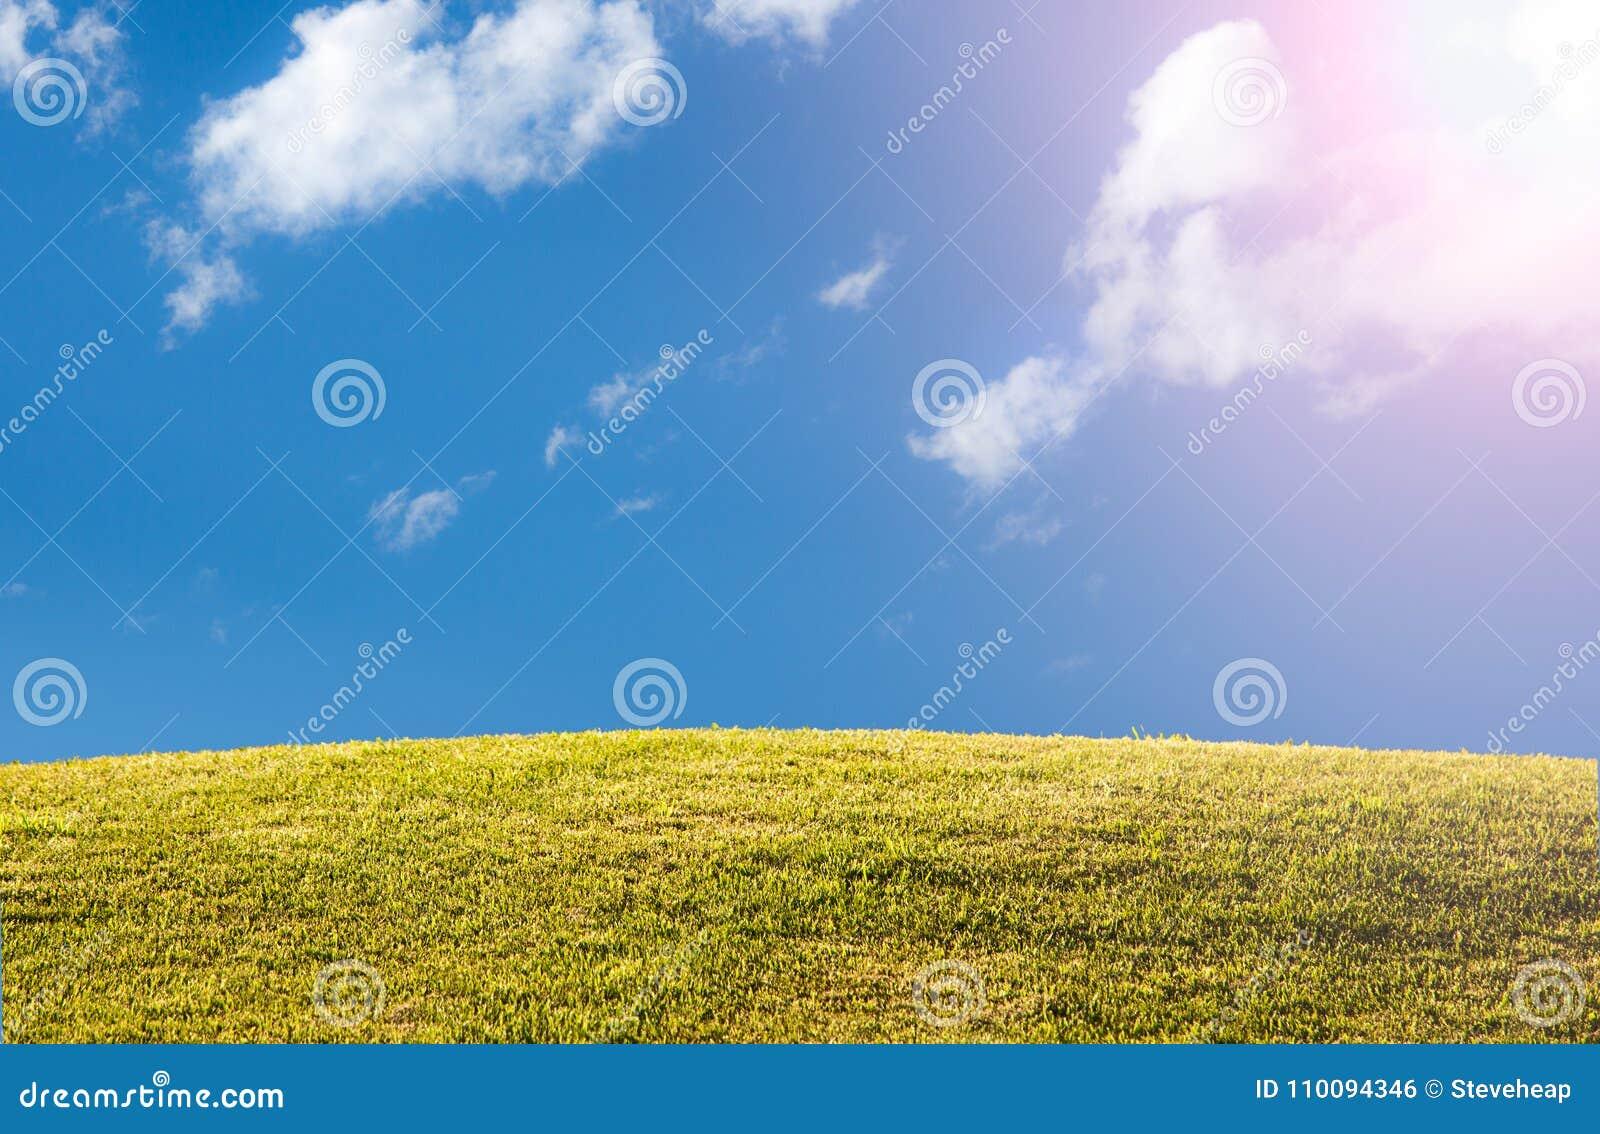 El césped o el prado herboso verde con el cielo azul y el sol señala por medio de luces